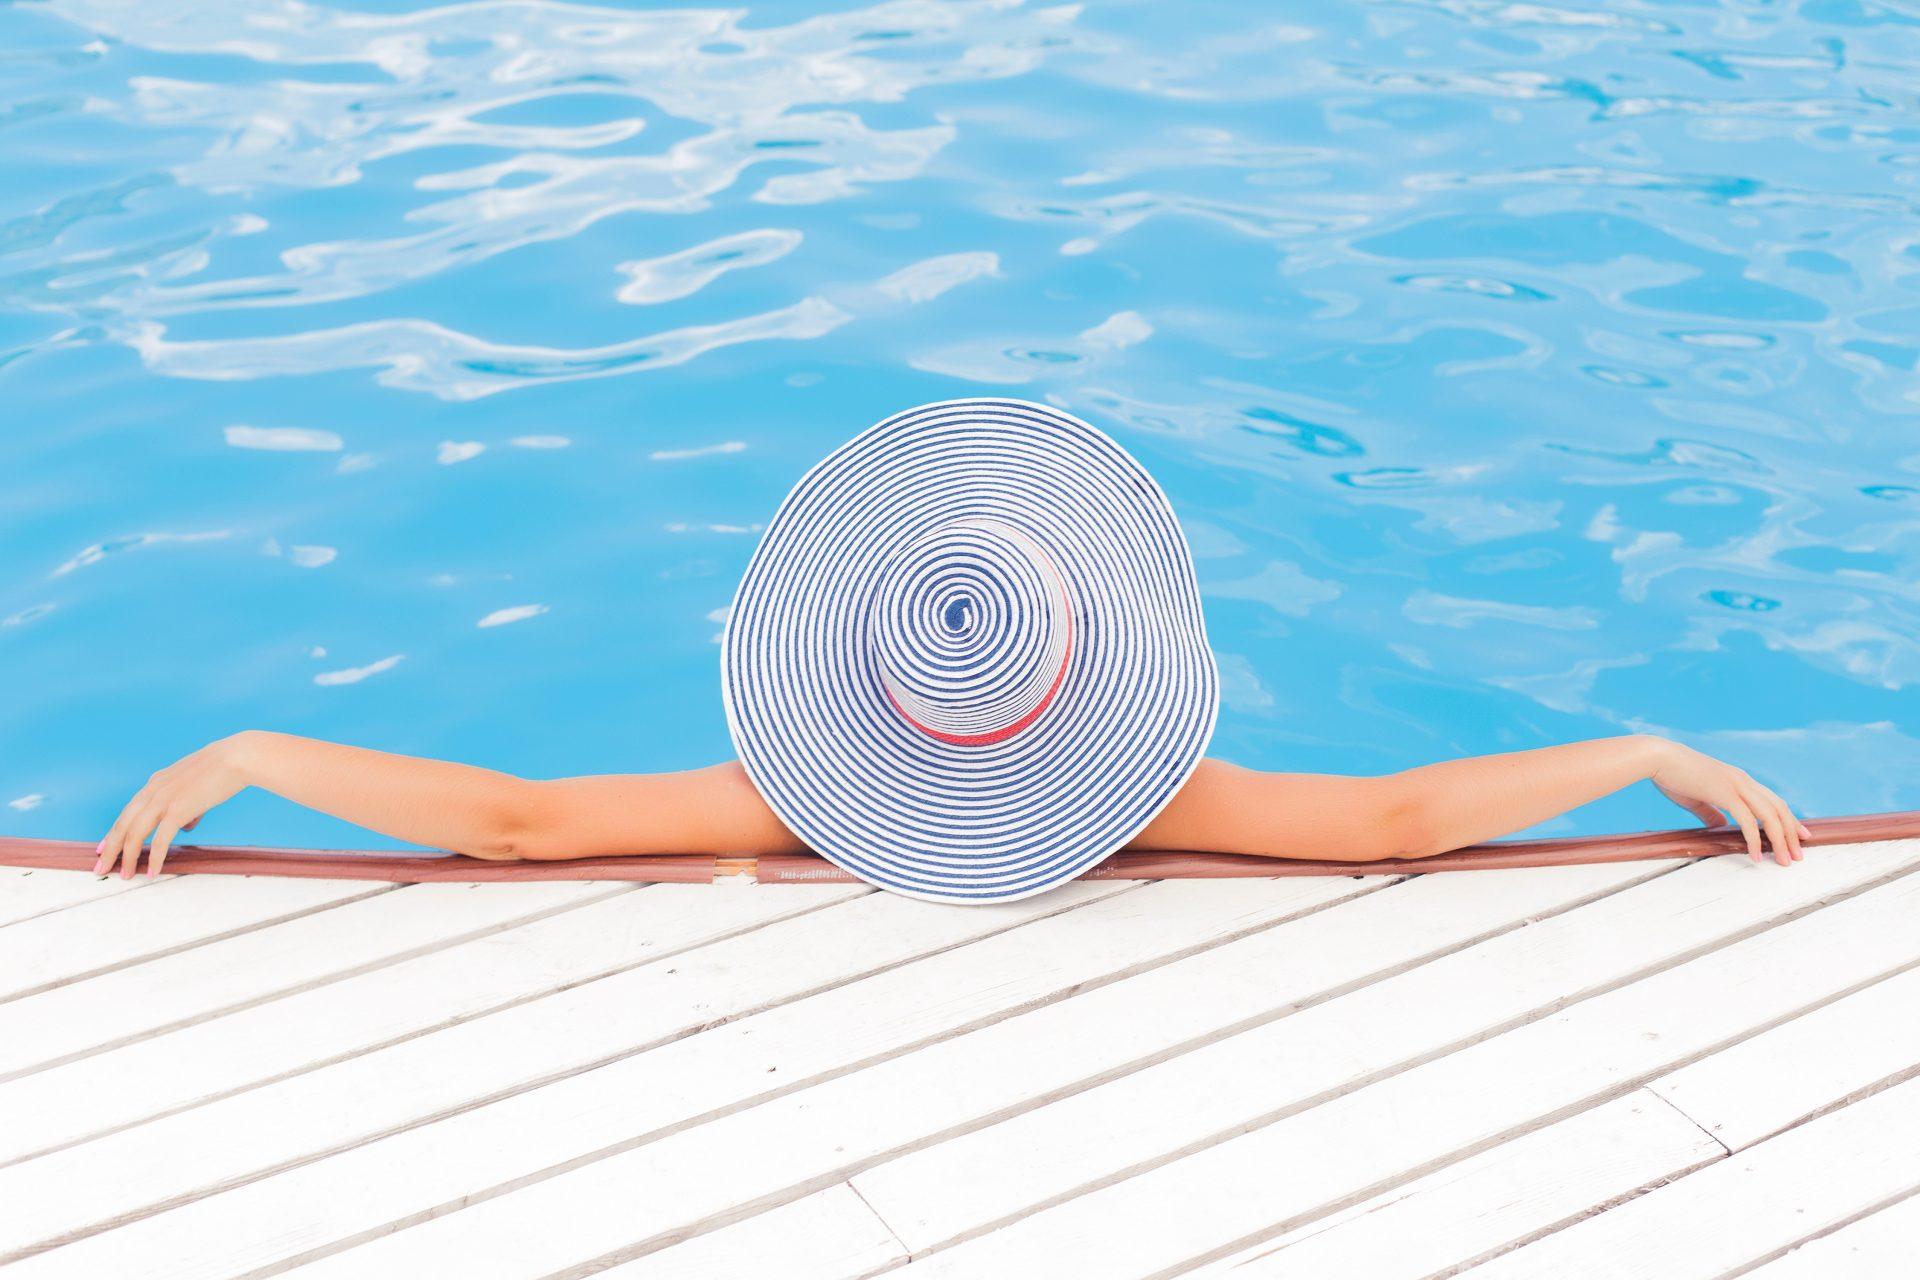 מלון בהרצליה על הים – החופשה האידיאלית במרכז הארץ